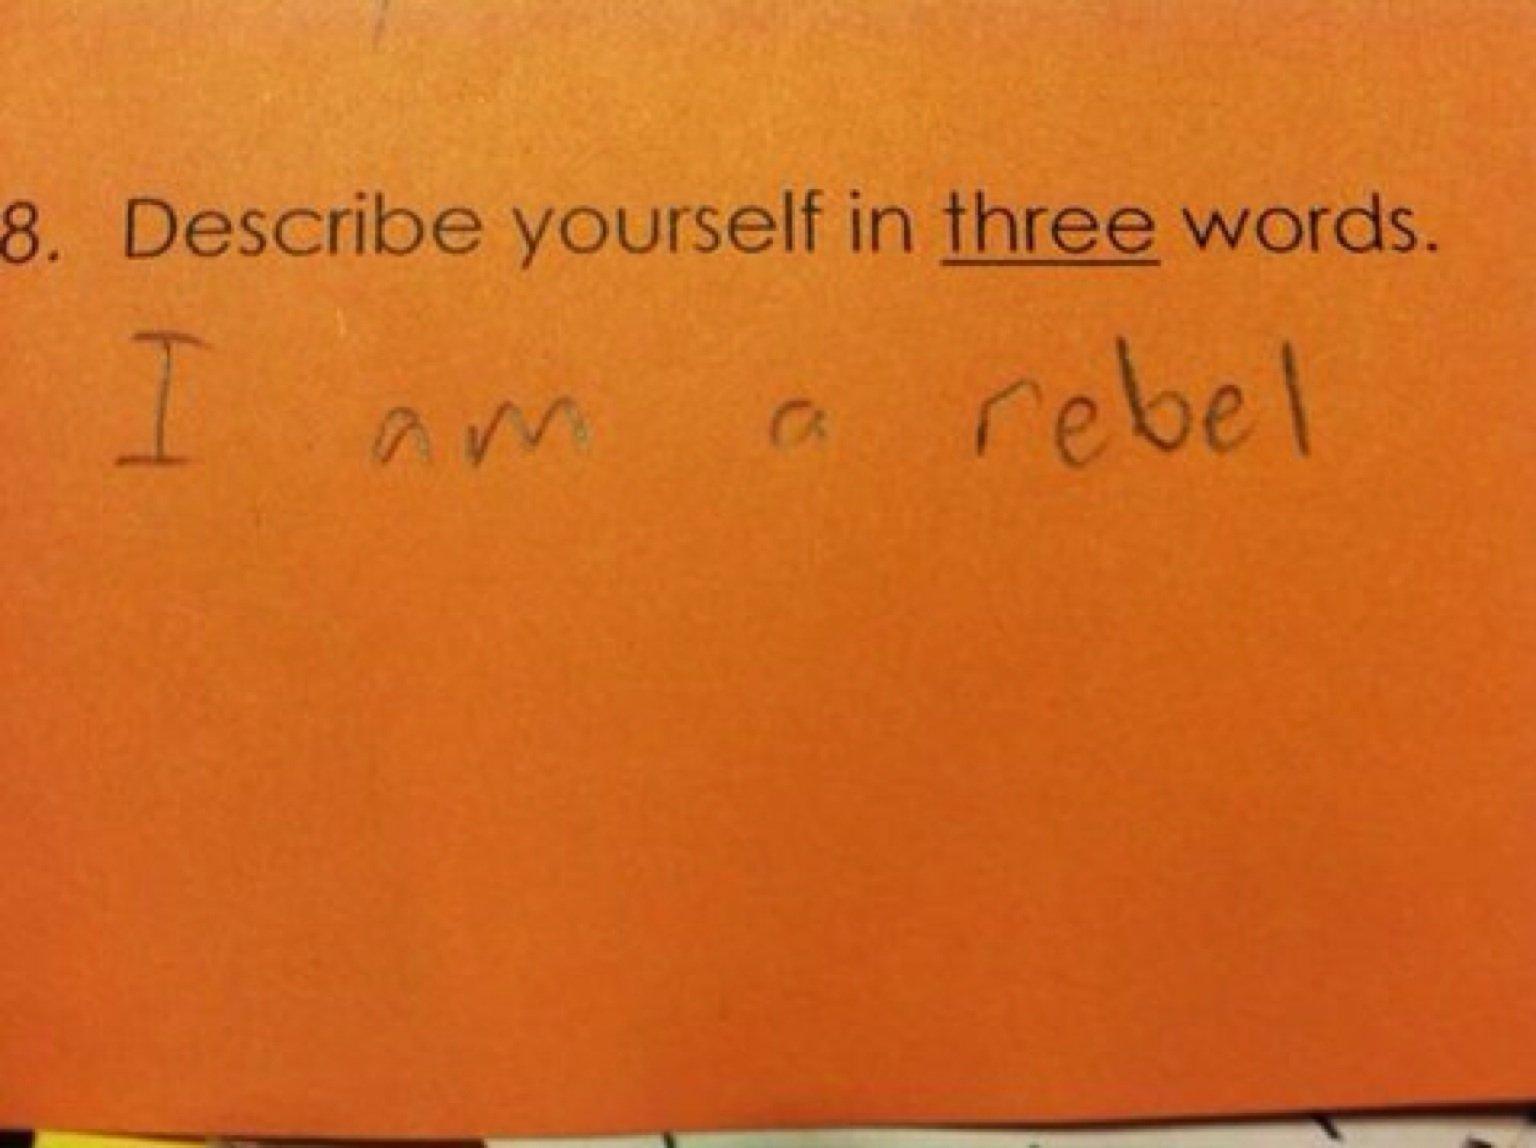 Describe yourself in 3 words essay